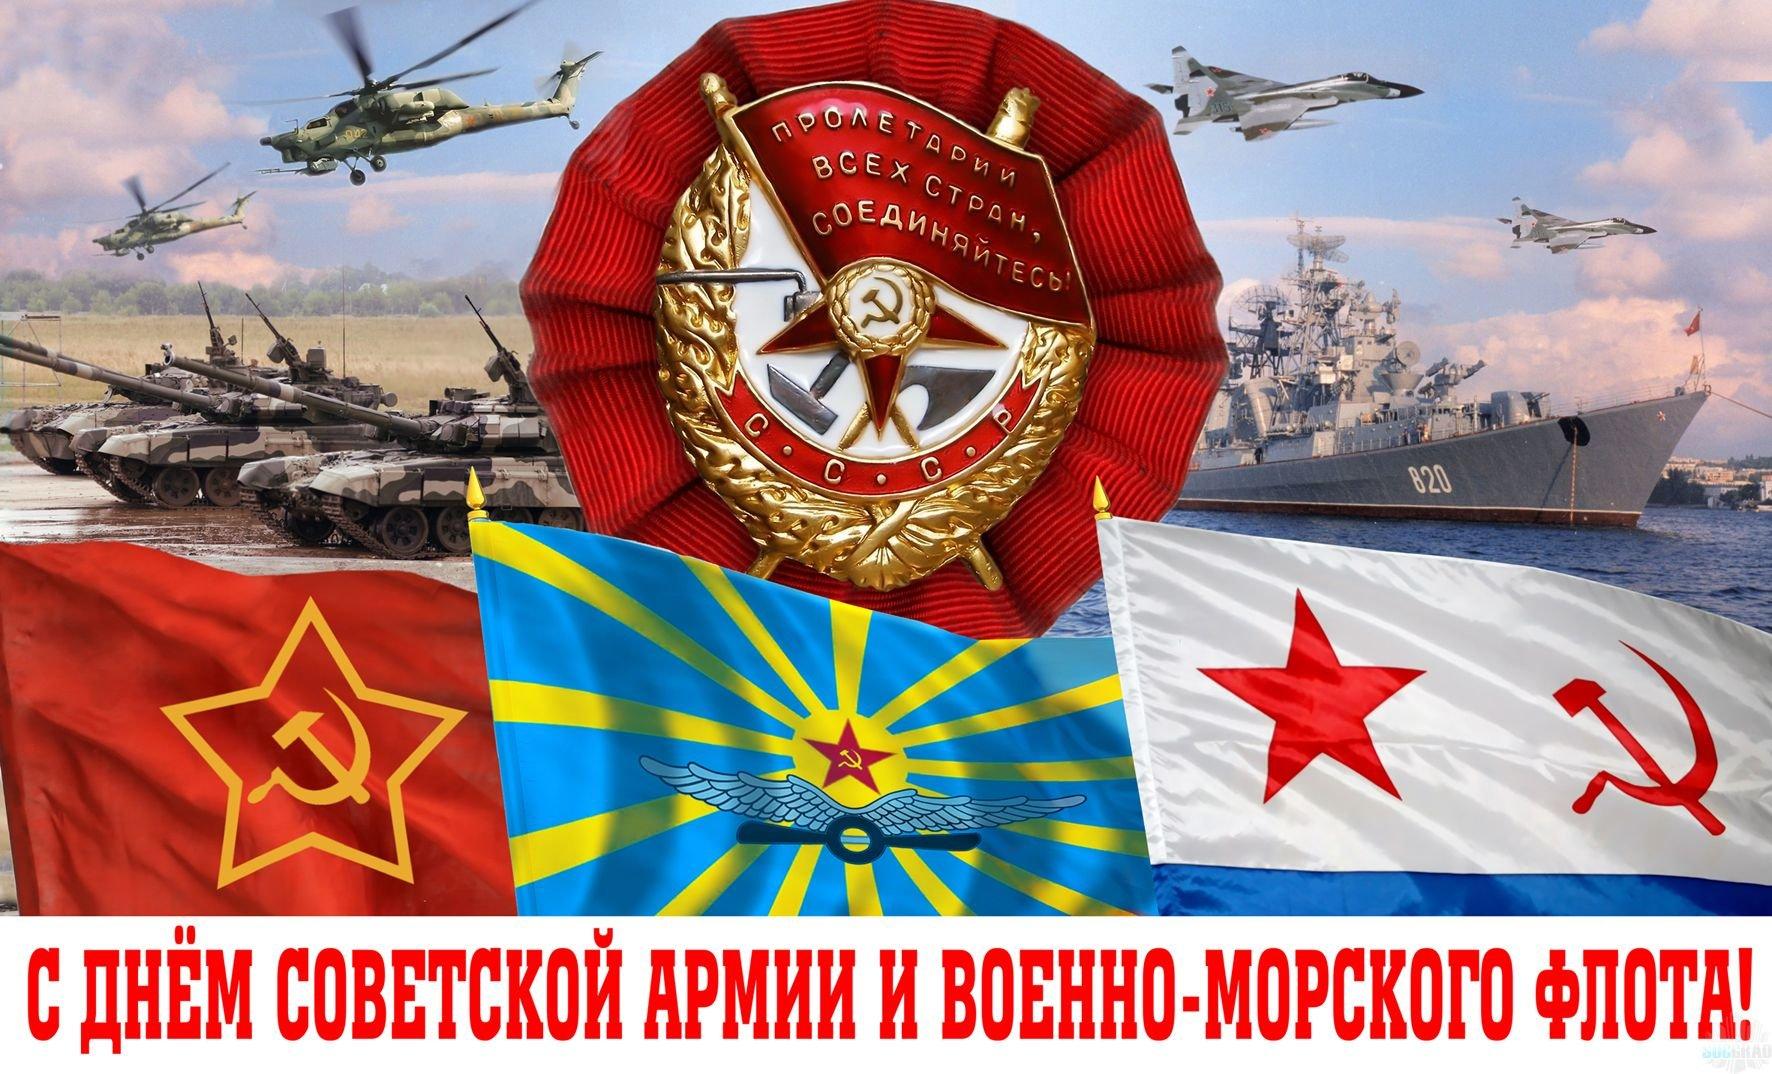 https://socgrad.ru/uploads/images/00/04/29/2014/02/23/73ee9f.jpg